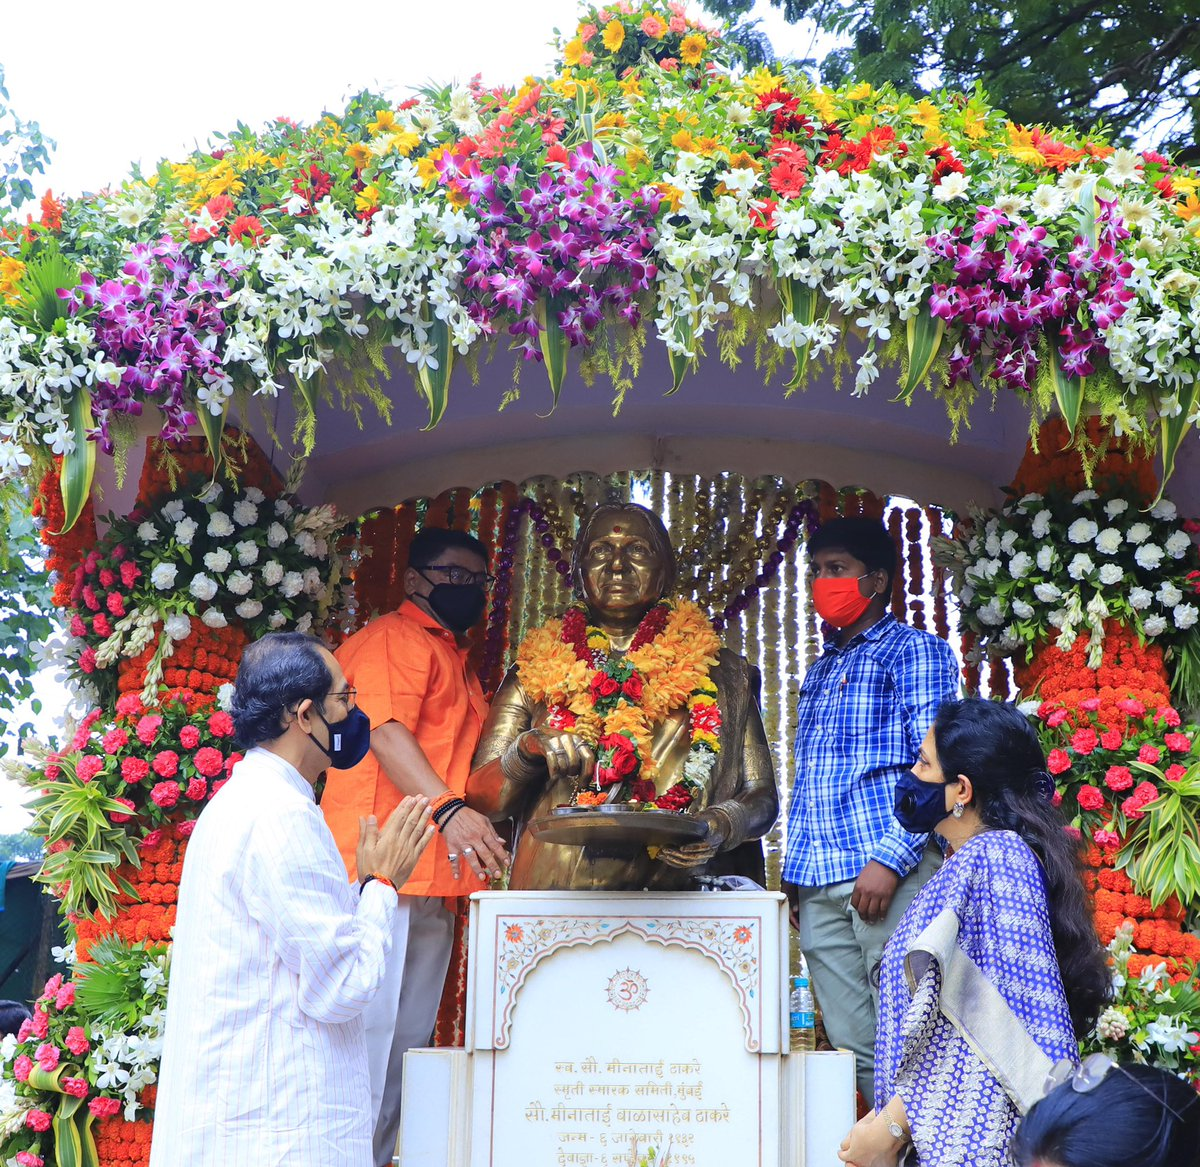 माँसाहेब मीनाताई ठाकरे यांच्या स्मृतिदिनानिमित्त शिवसेना पक्षप्रमुख, मुख्यमंत्री उद्धव बाळासाहेब ठाकरे आणि सौ. रश्मीताई ठाकरे यांनी आज शिवाजी पार्क येथील पवित्र स्मृतीस विनम्र अभिवादन केले. https://t.co/d3N76ByEuz